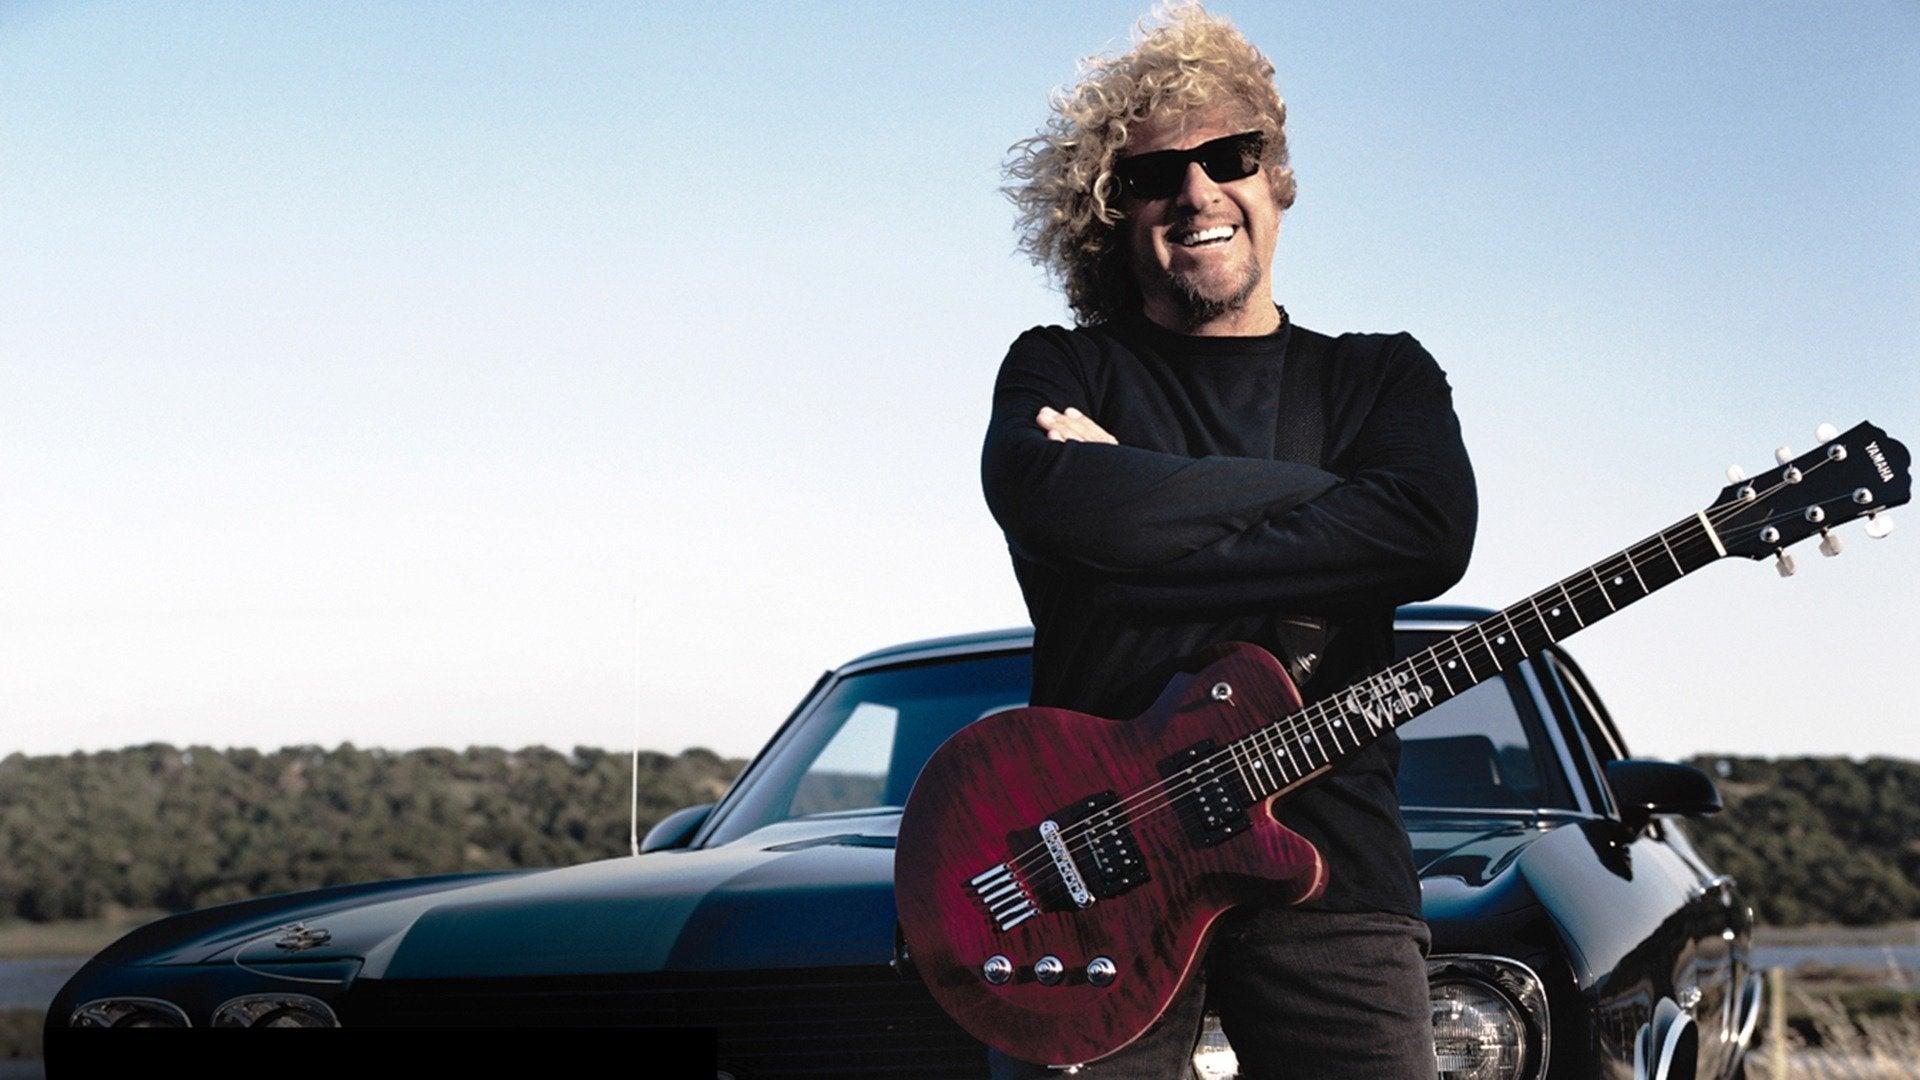 Rock & Roll Road Trip With Sammy Hagar